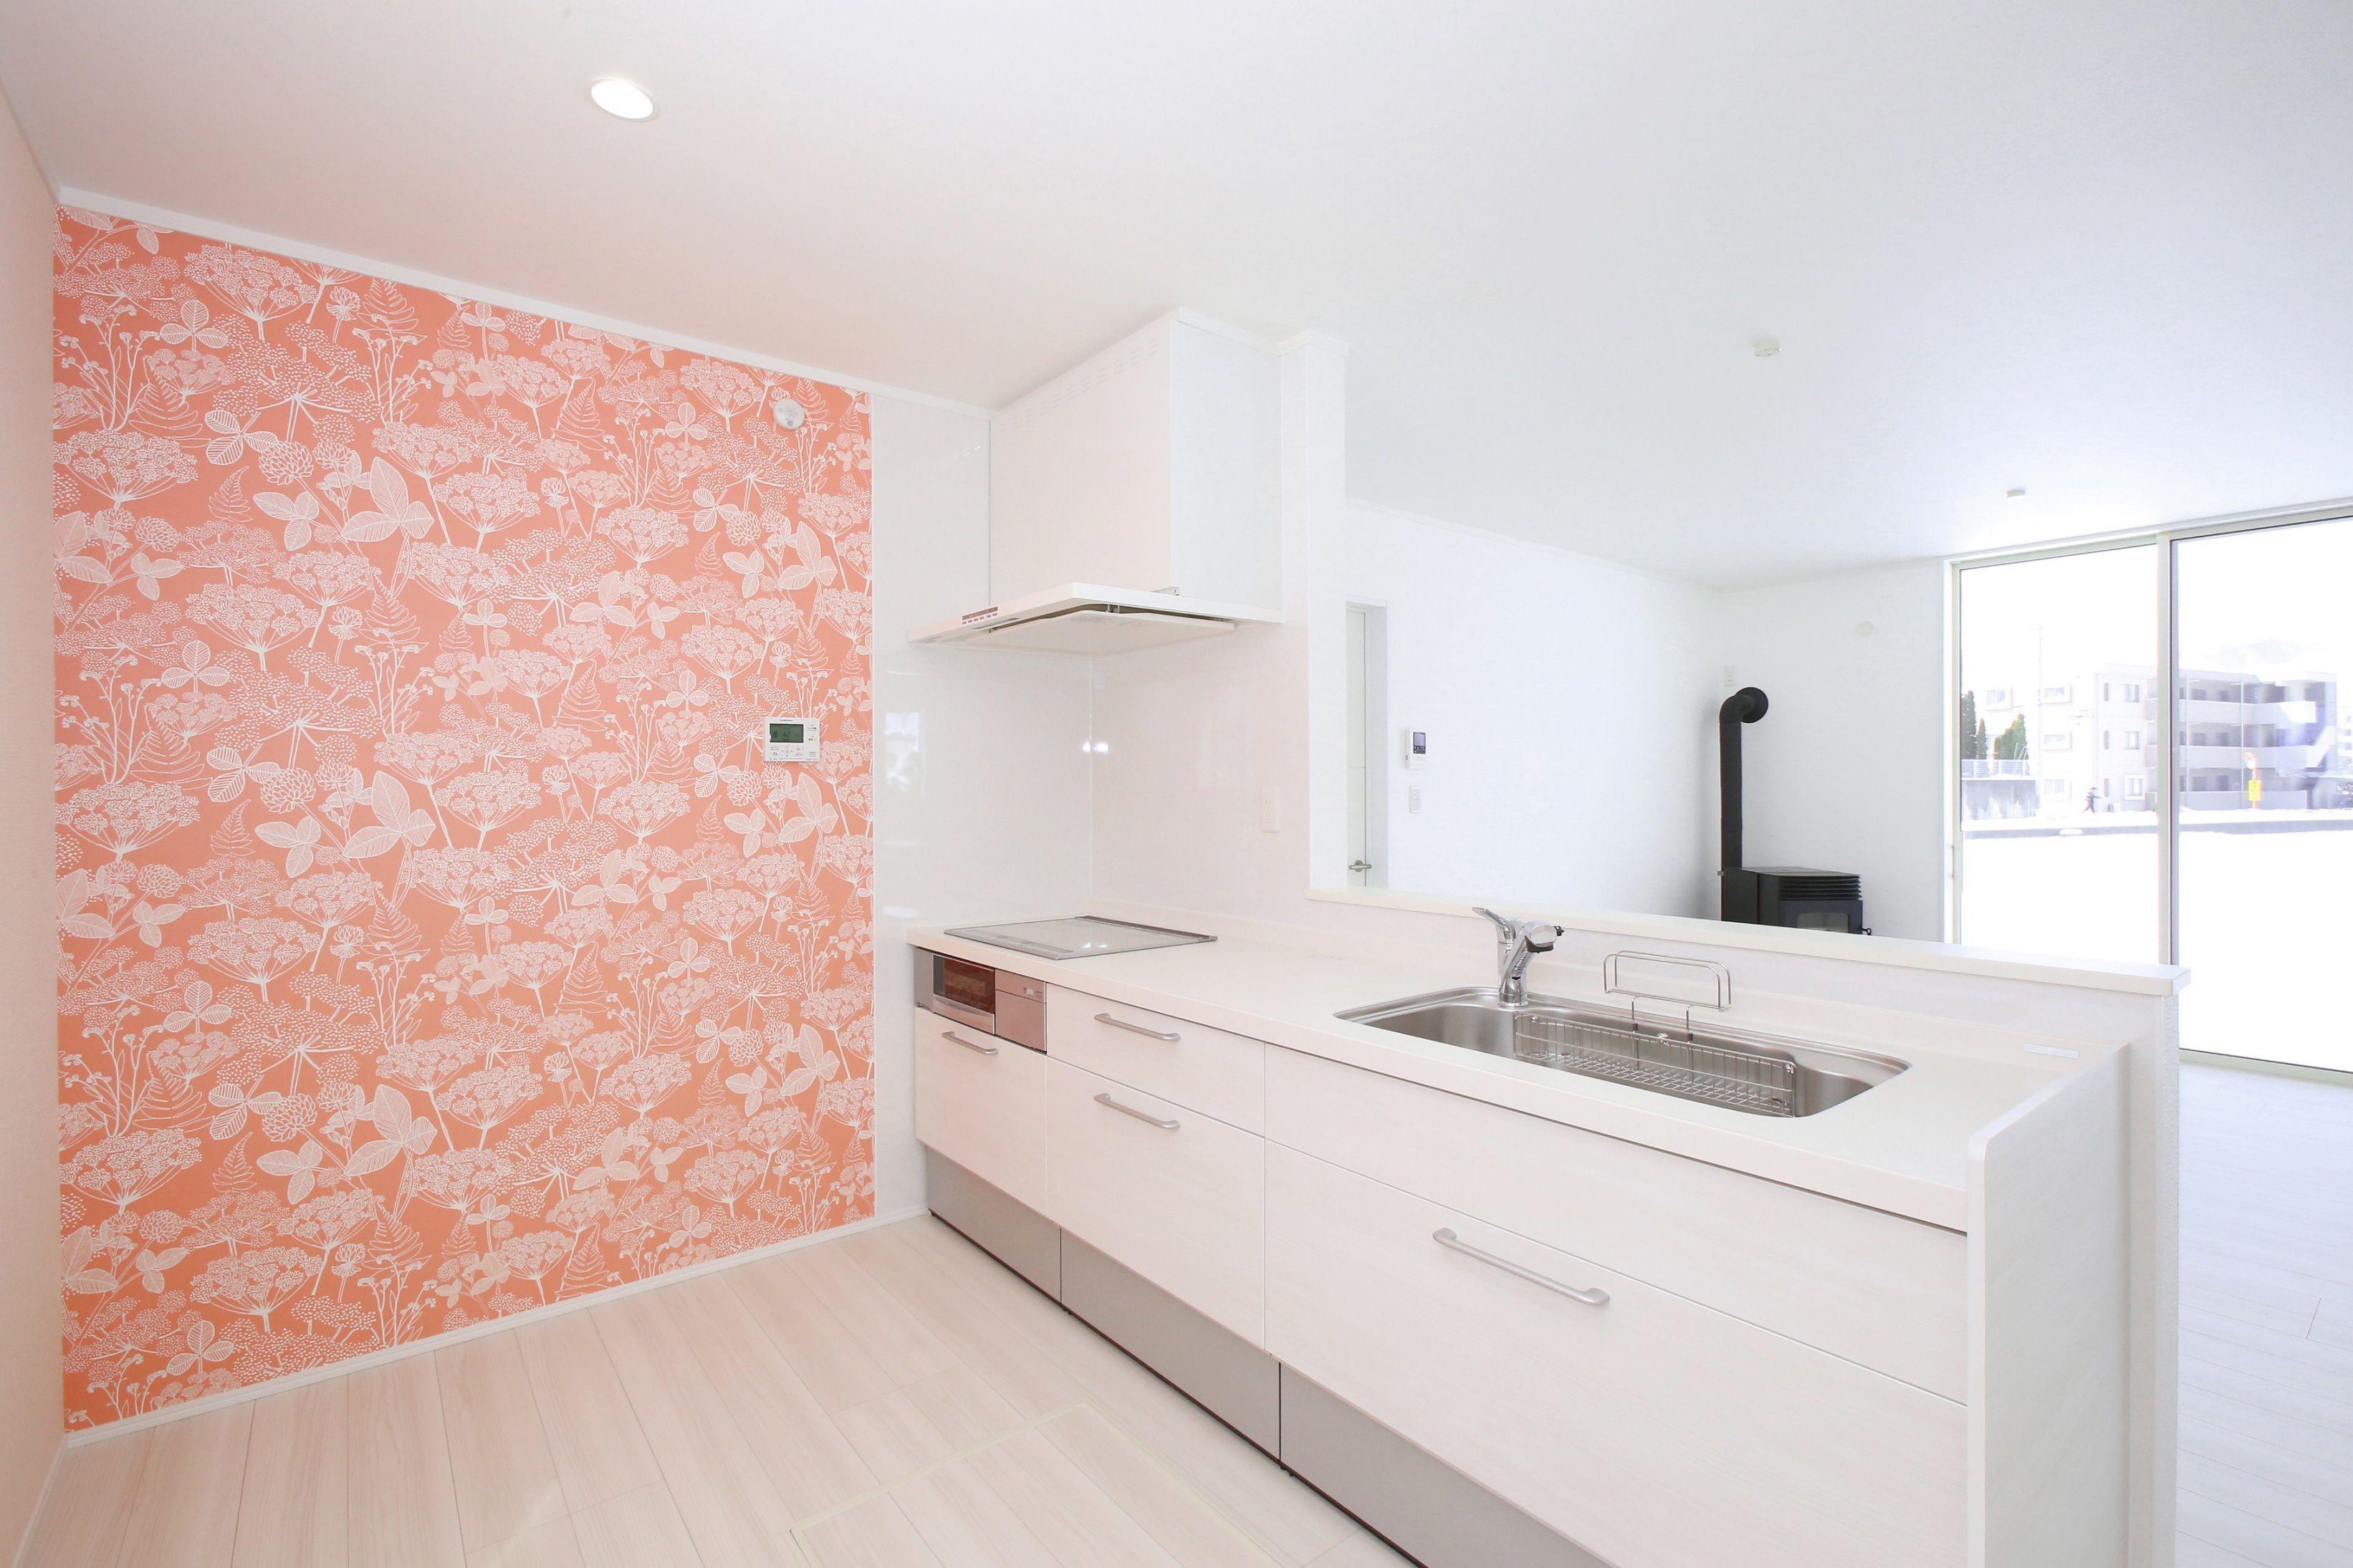 ピンクのアクセントクロスがかわいい華やかなキッチン 内装 キッチン おしゃれ アイフルホーム